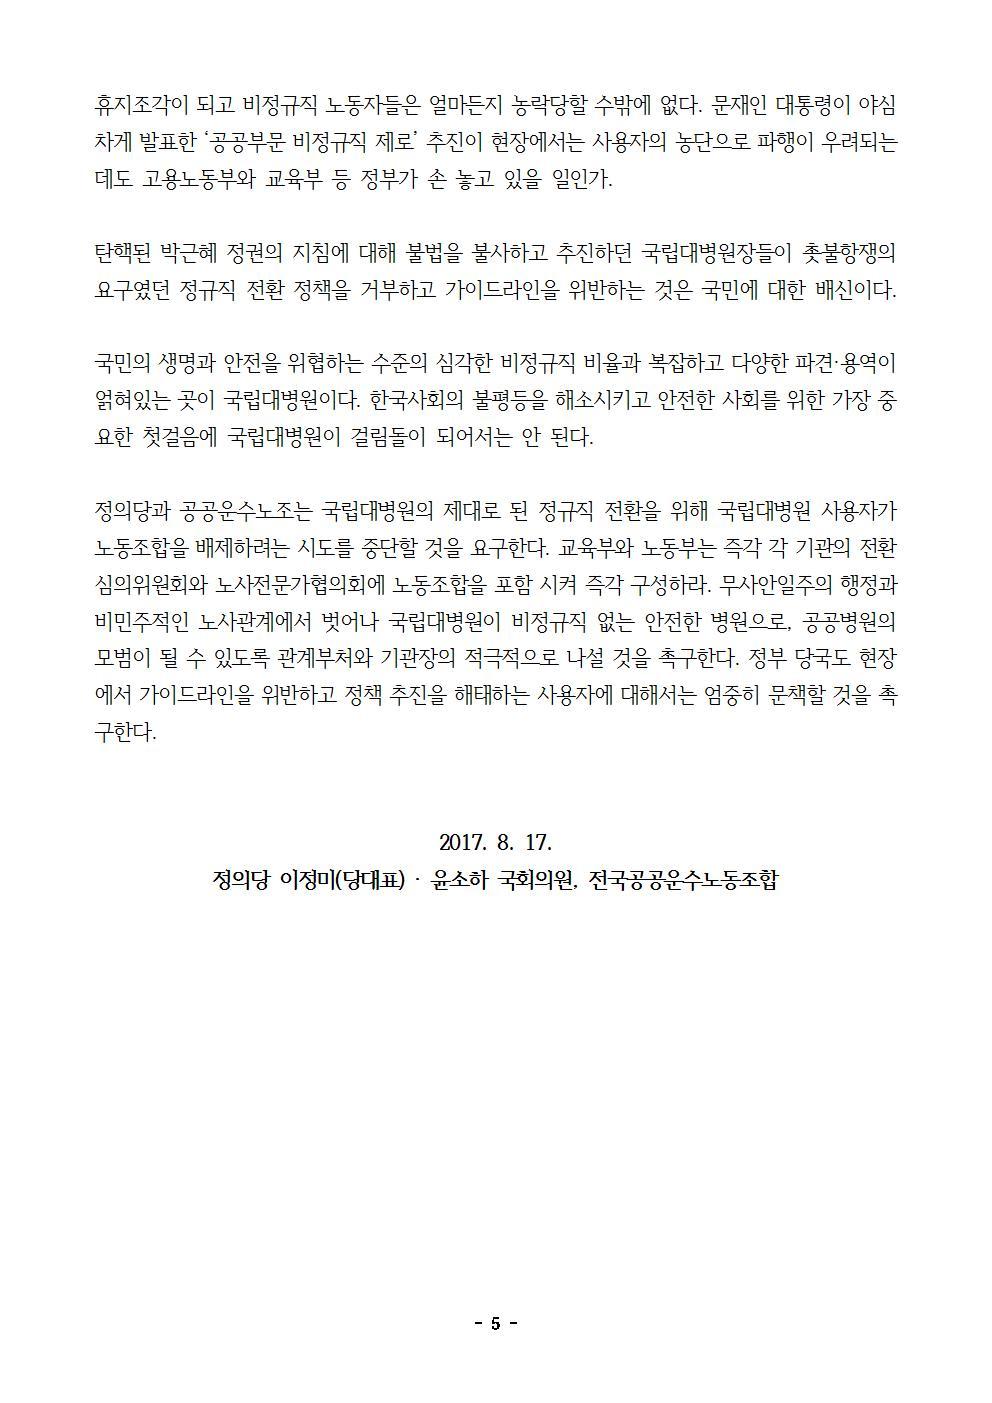 [기자회견문] 국립대병원 정규직전환005.jpg